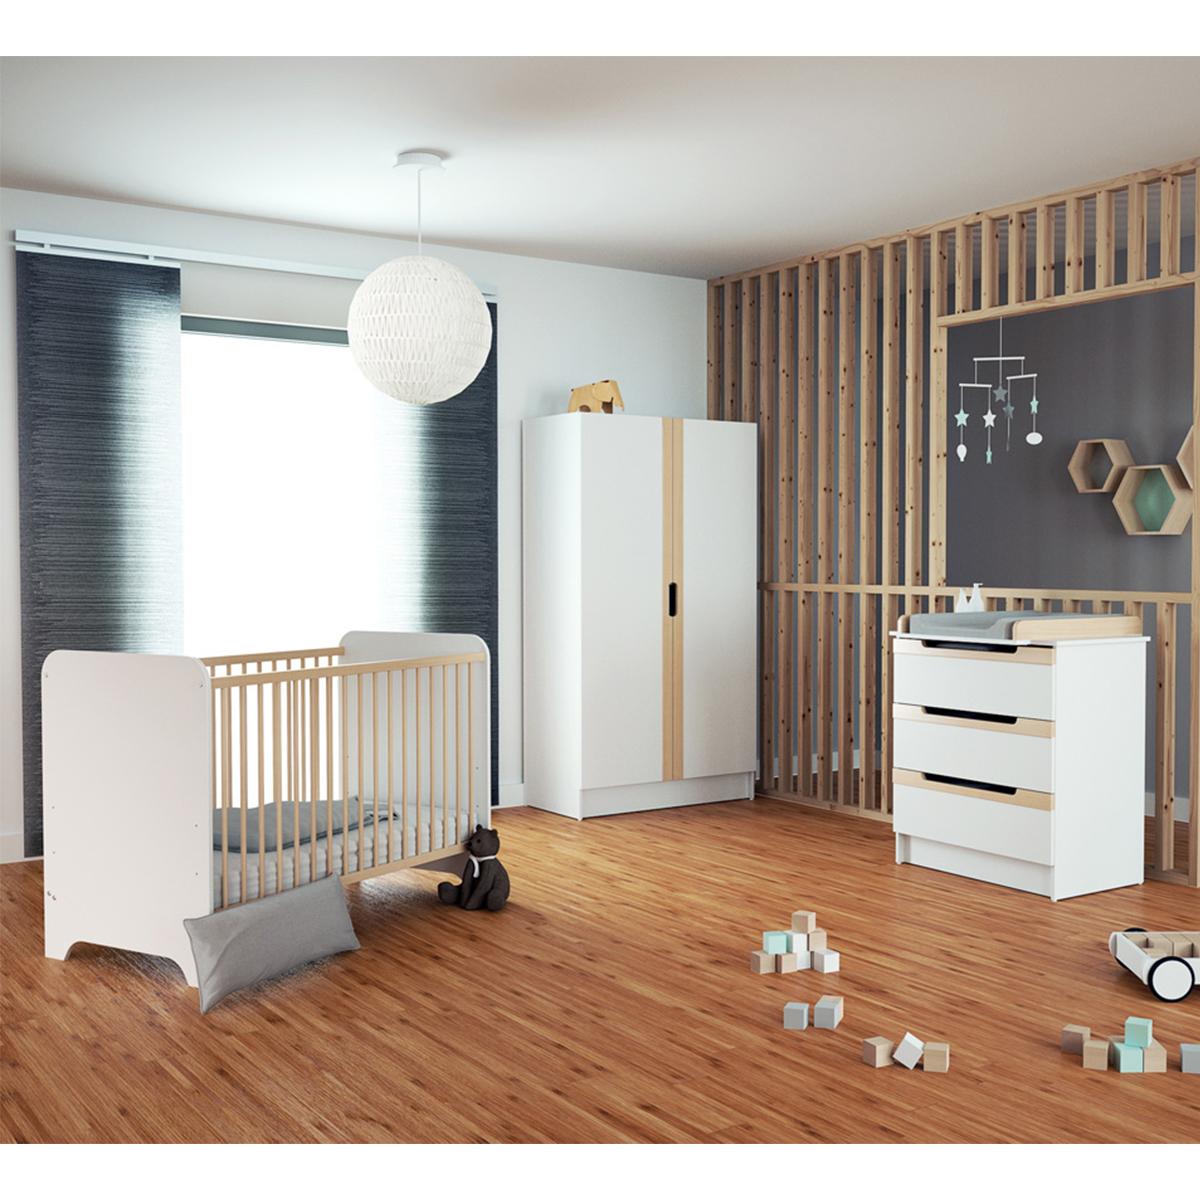 Chambre complète lit évolutif 70x140 commode à langer et armoire AT4 Carrousel - Blanc et hêtre